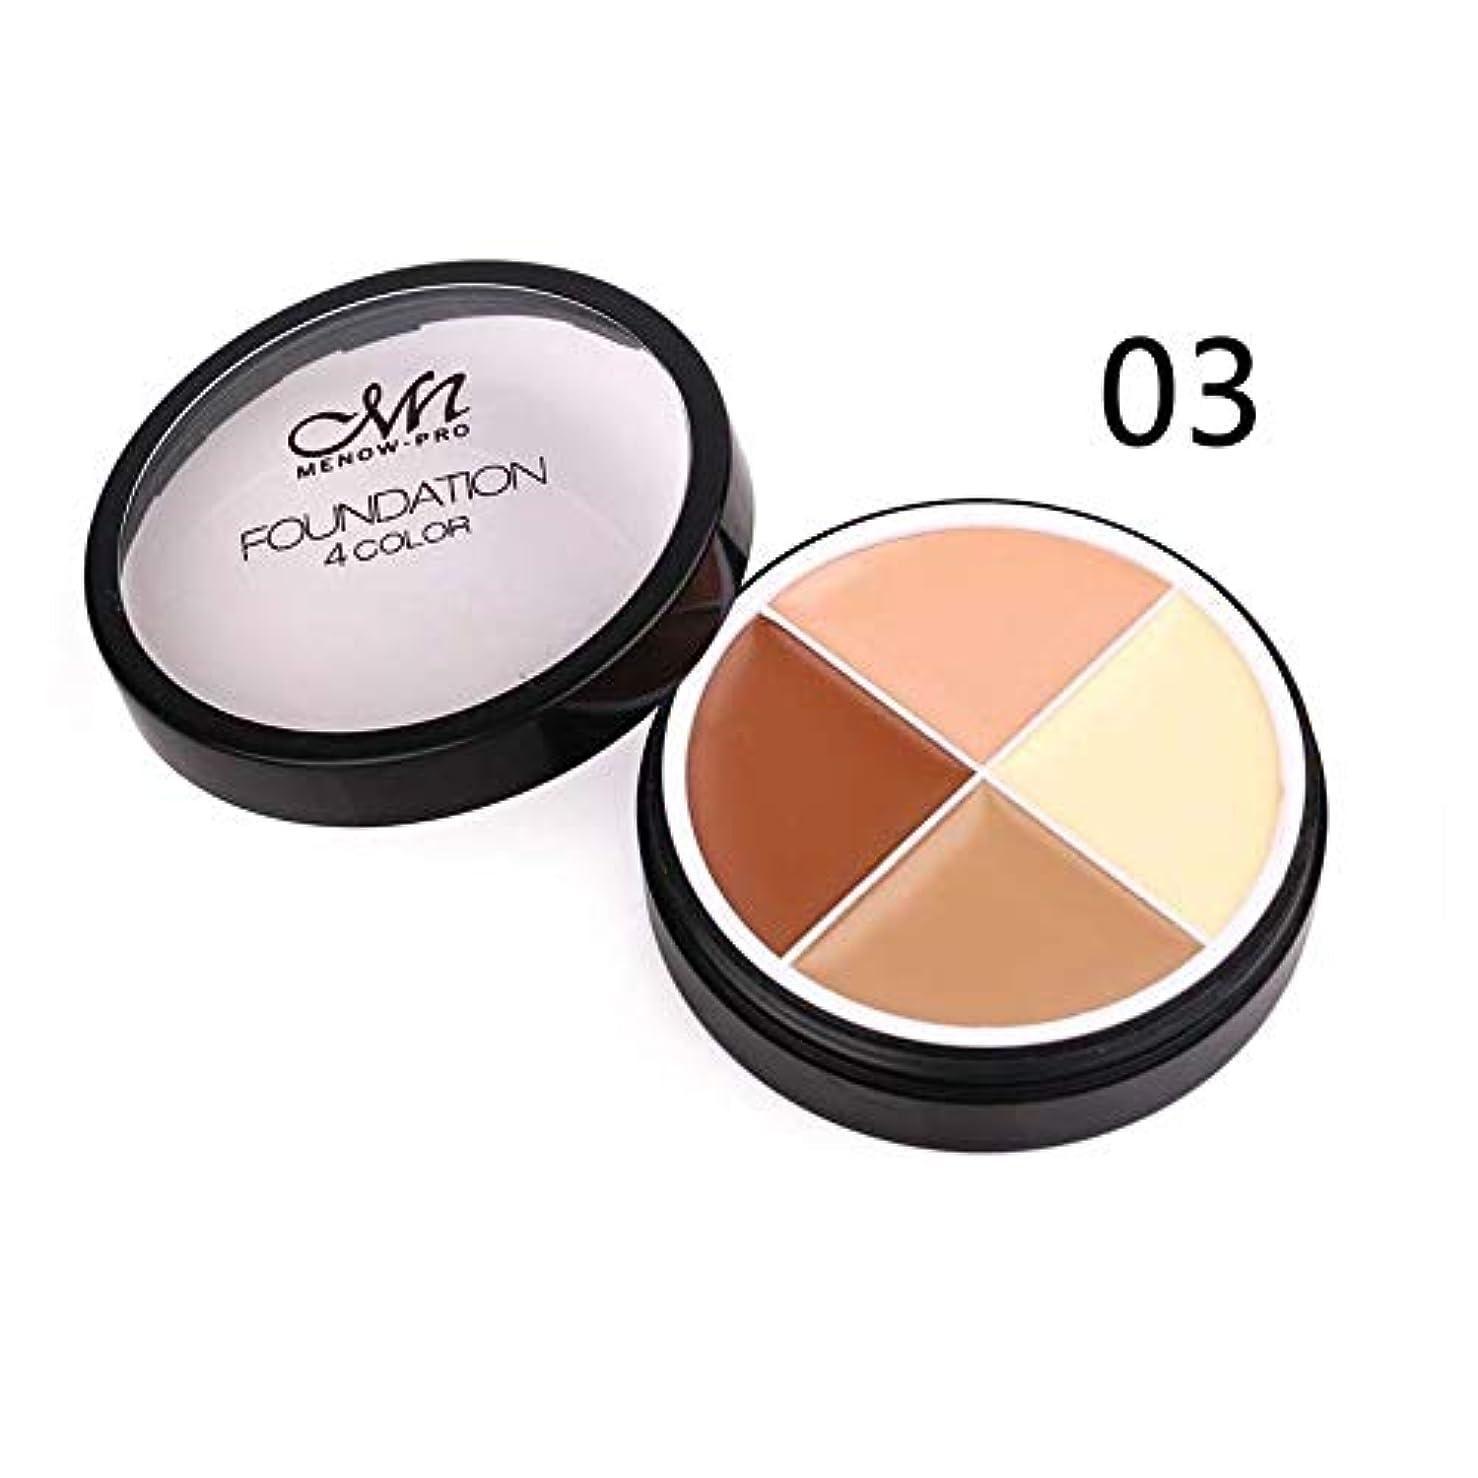 Eye Shadow 4色のアイシャドーマット多色セットアイメーク舞台アイシャドウ (03)